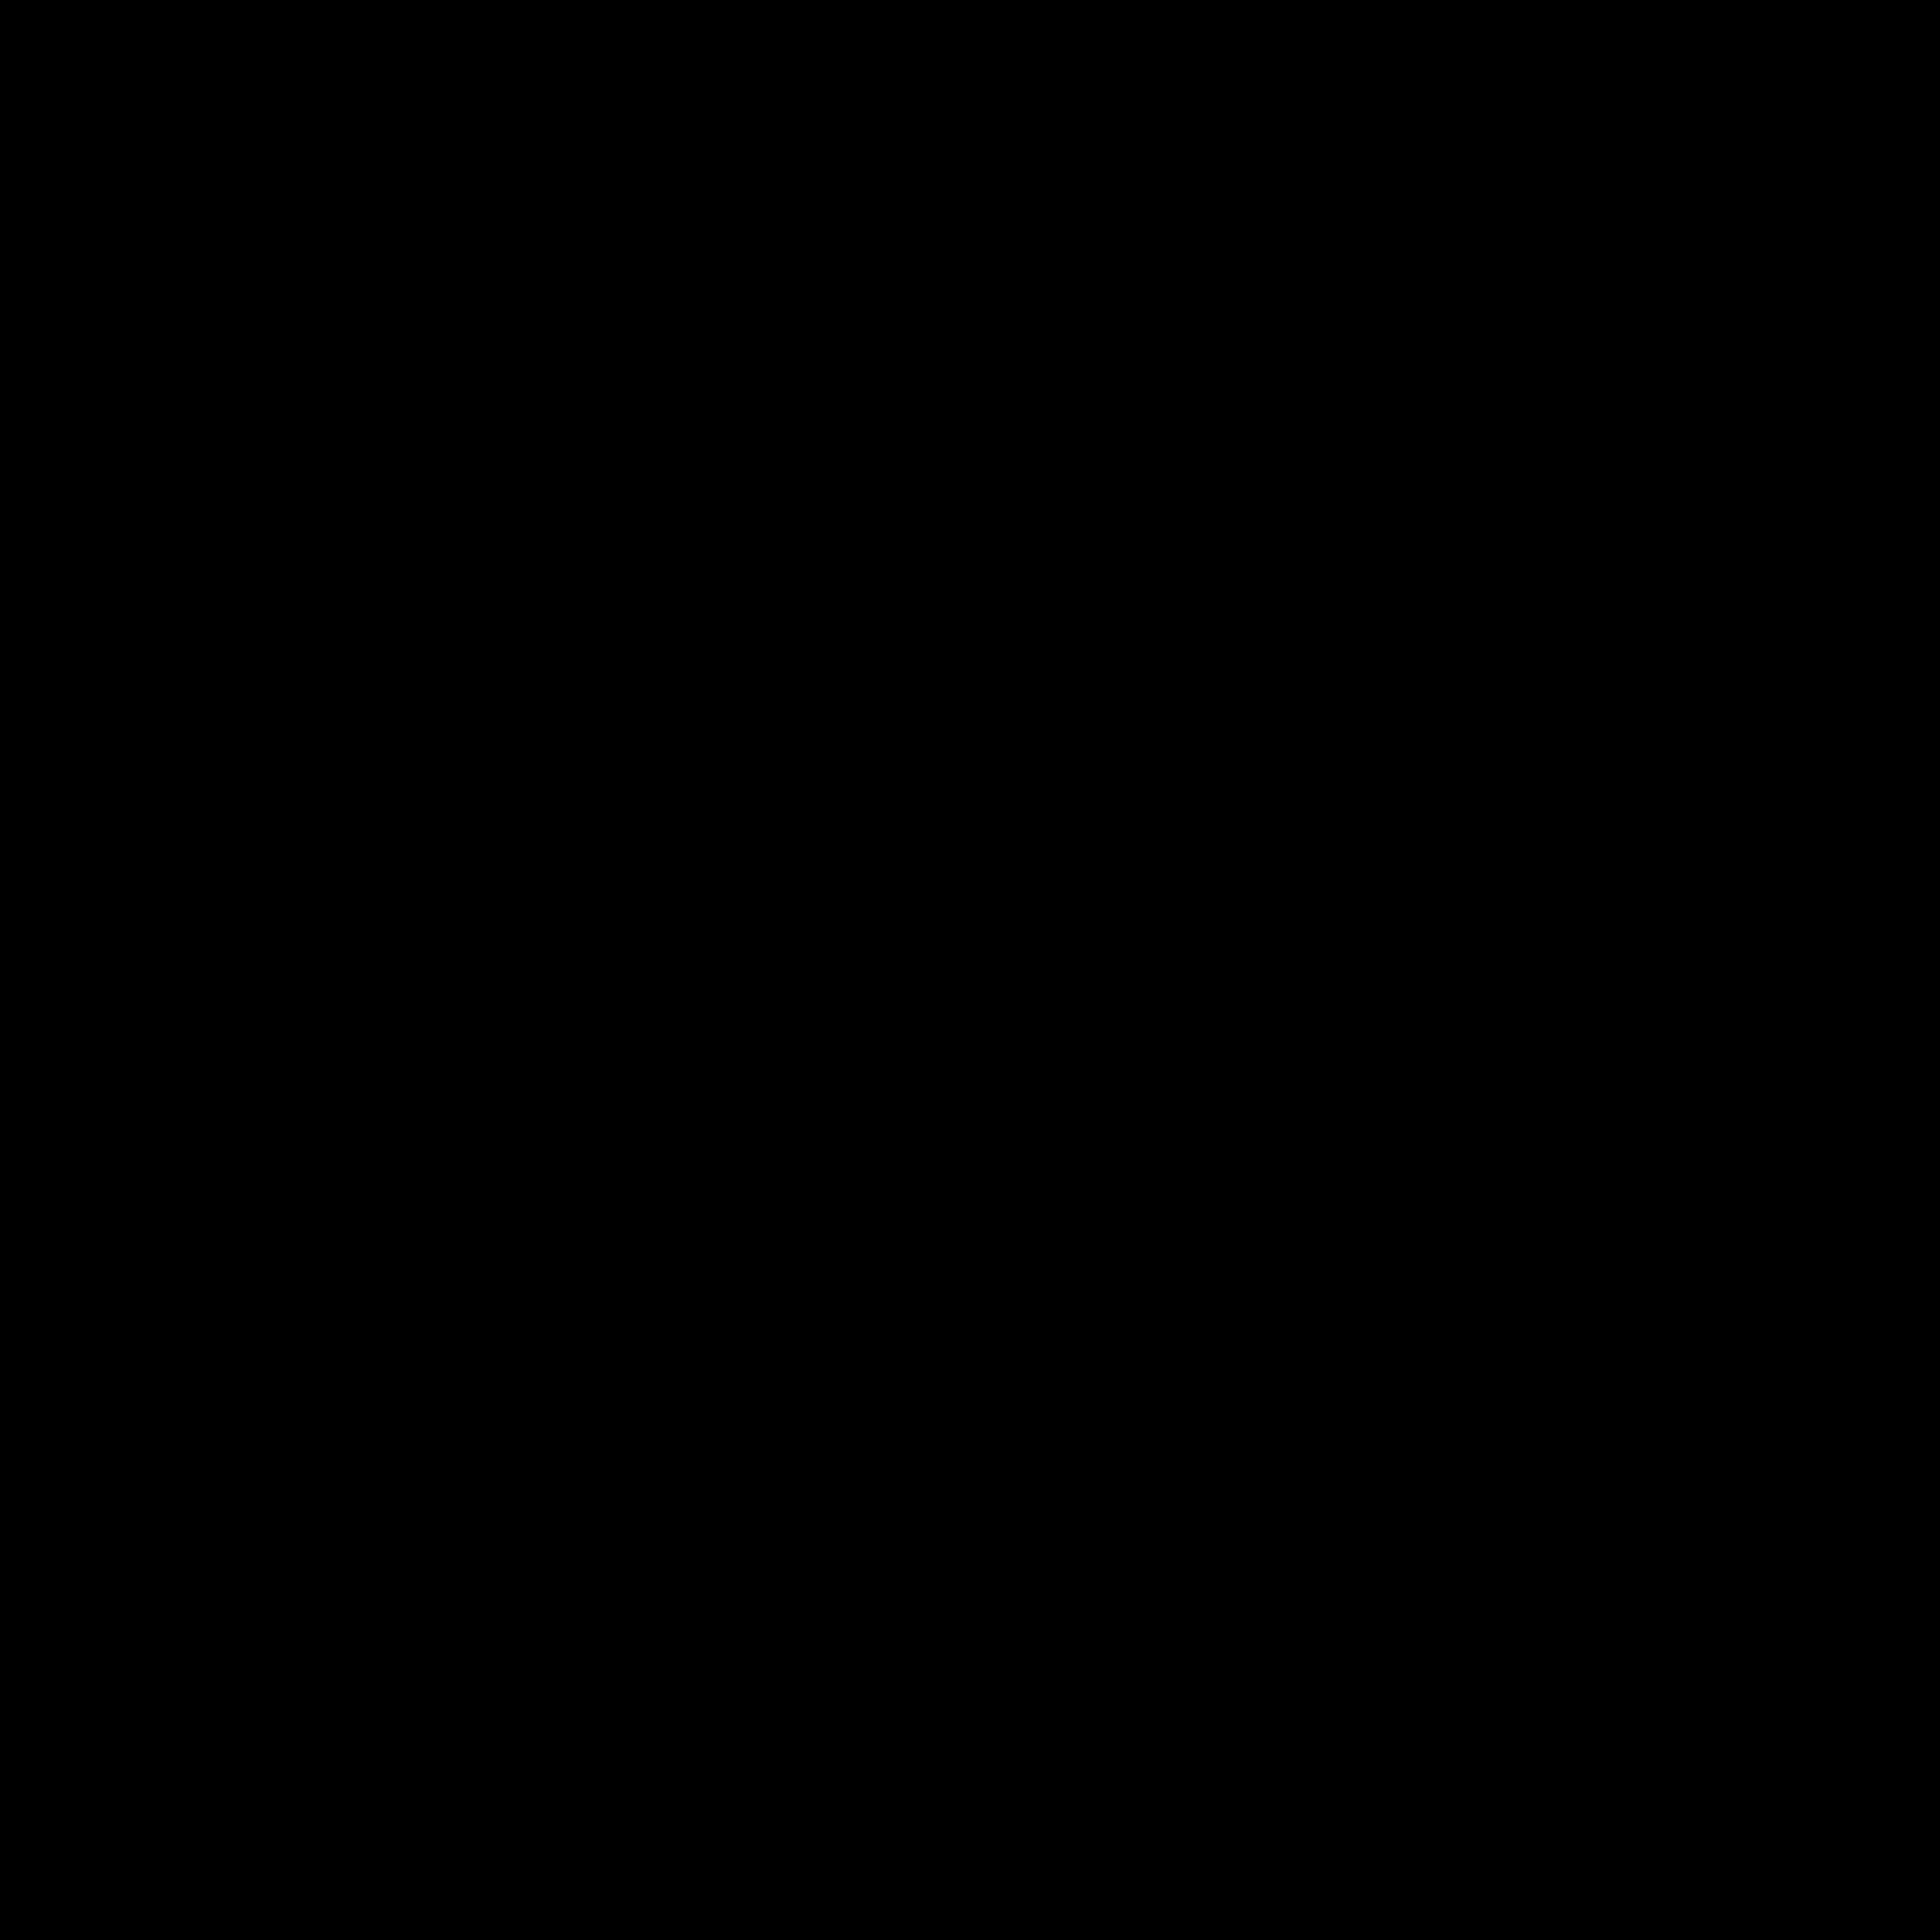 moving castle logo black.png